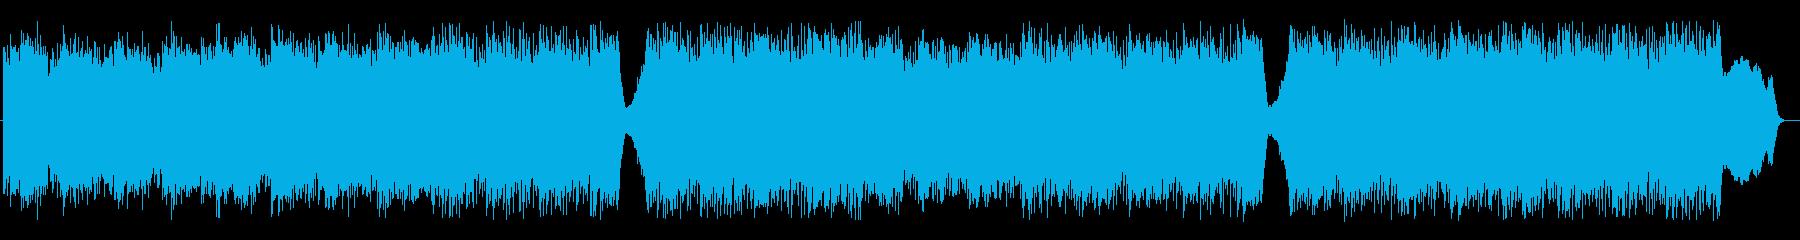 トレモロギターが特徴のダークなエレクトロの再生済みの波形